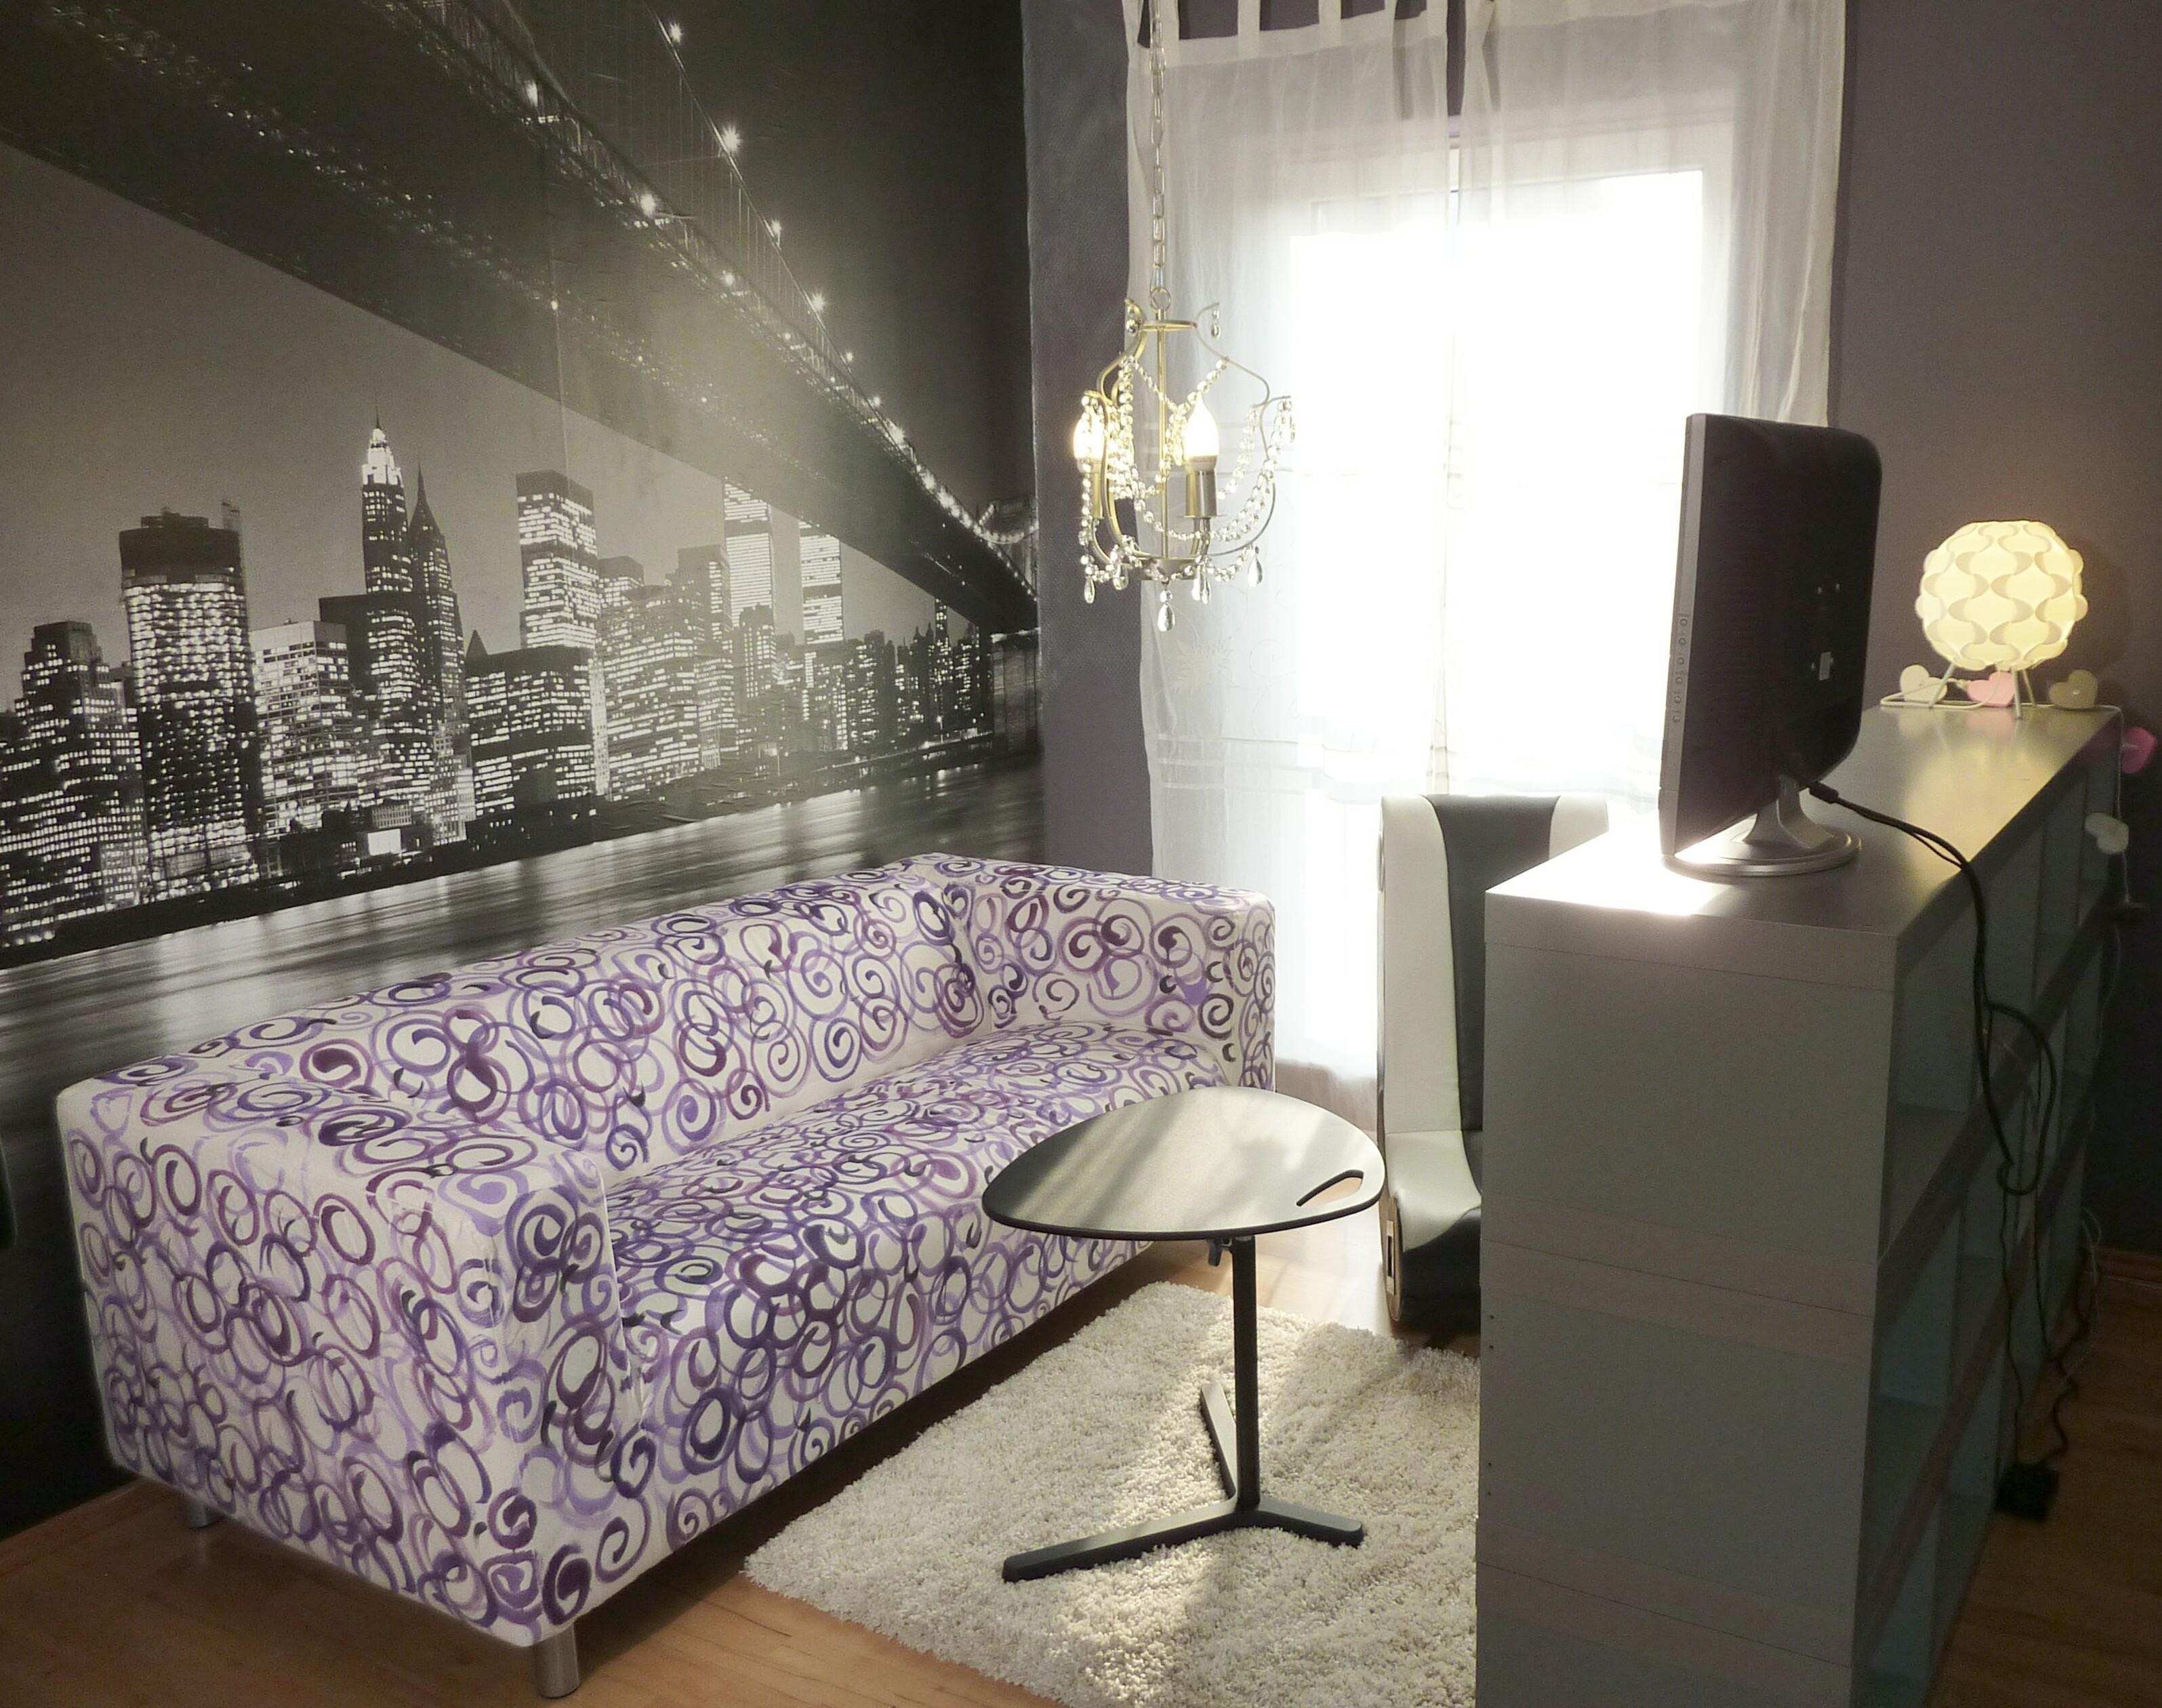 Jugendzimmer f r m dchen bilder ideen couch for Beistelltisch jugendzimmer